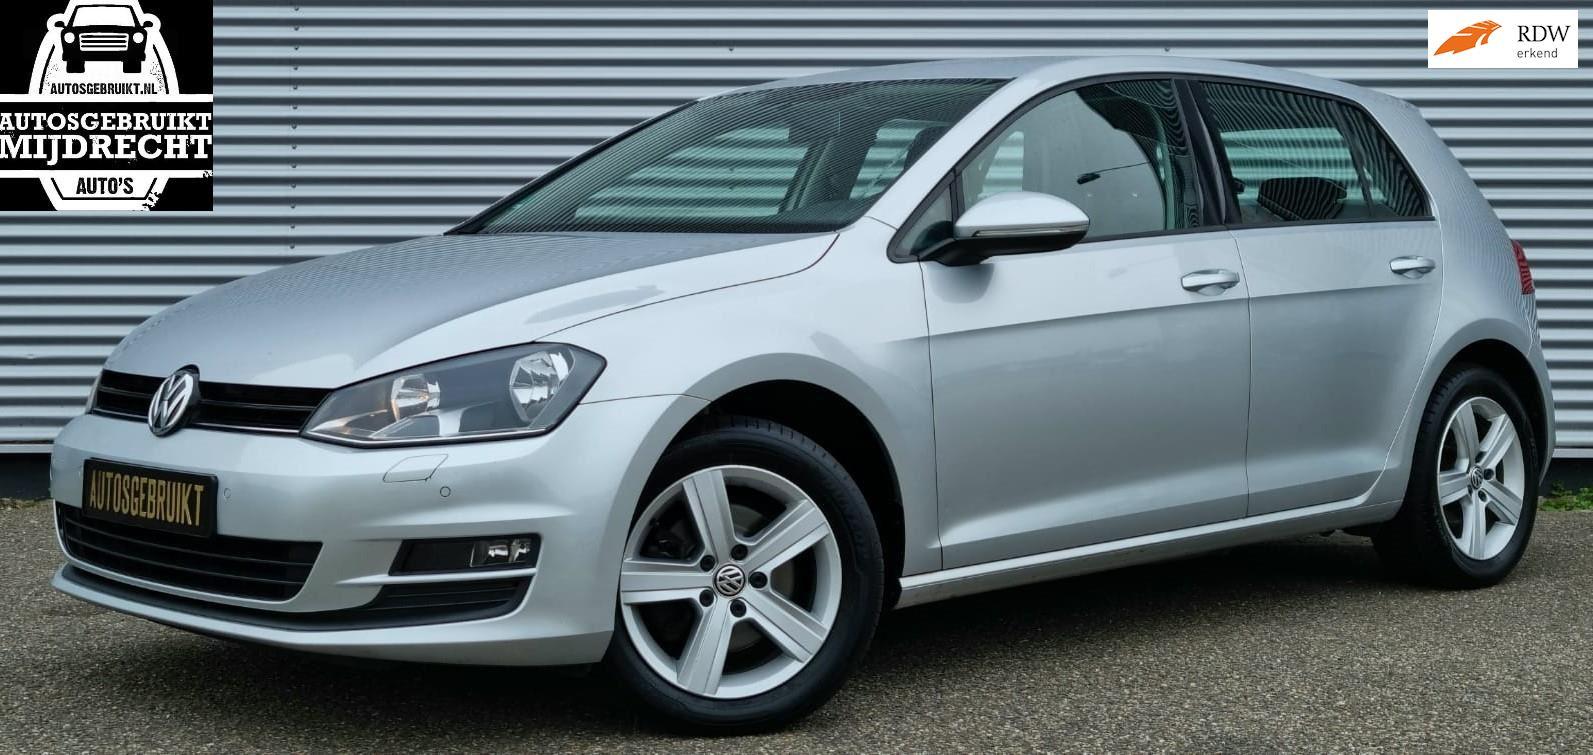 Volkswagen Golf occasion - Autosgebruikt Mijdrecht